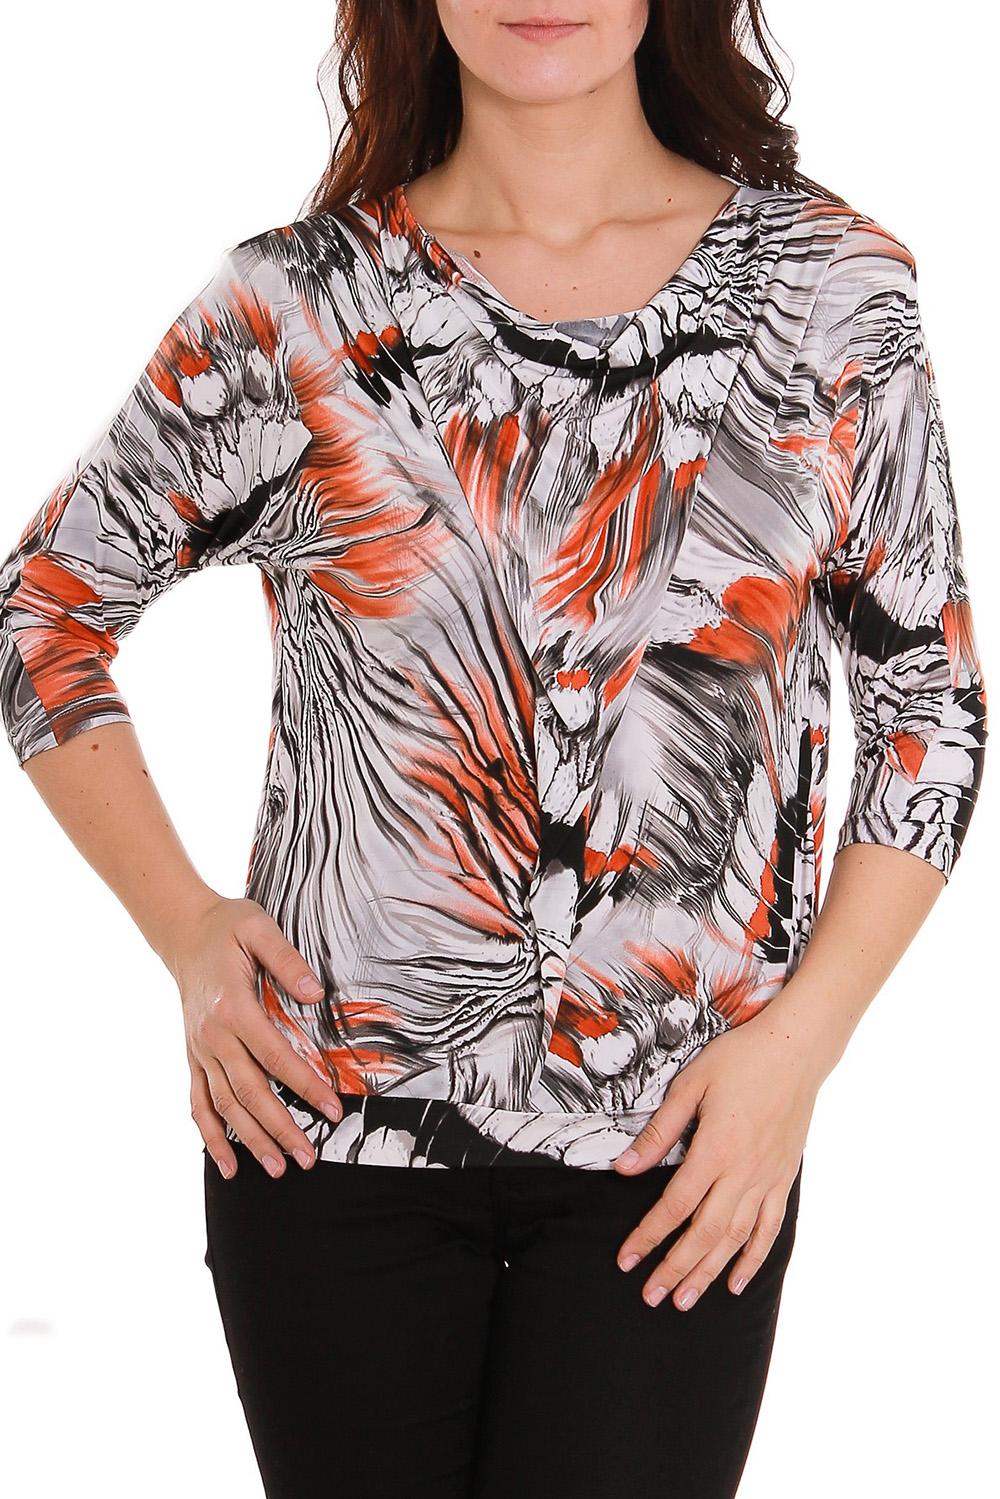 БлузкаБлузки<br>Женская блузка из приятной вискозы с абстрактным принтом.  Рост девушки-фотомодели 180 см.<br><br>Горловина: Качель<br>По материалу: Вискоза<br>По рисунку: Цветные,С принтом<br>По сезону: Зима,Осень,Весна,Лето,Всесезон<br>Рукав: Рукав три четверти<br>По стилю: Повседневный стиль<br>По силуэту: Приталенные<br>Размер : 48<br>Материал: Вискоза<br>Количество в наличии: 1